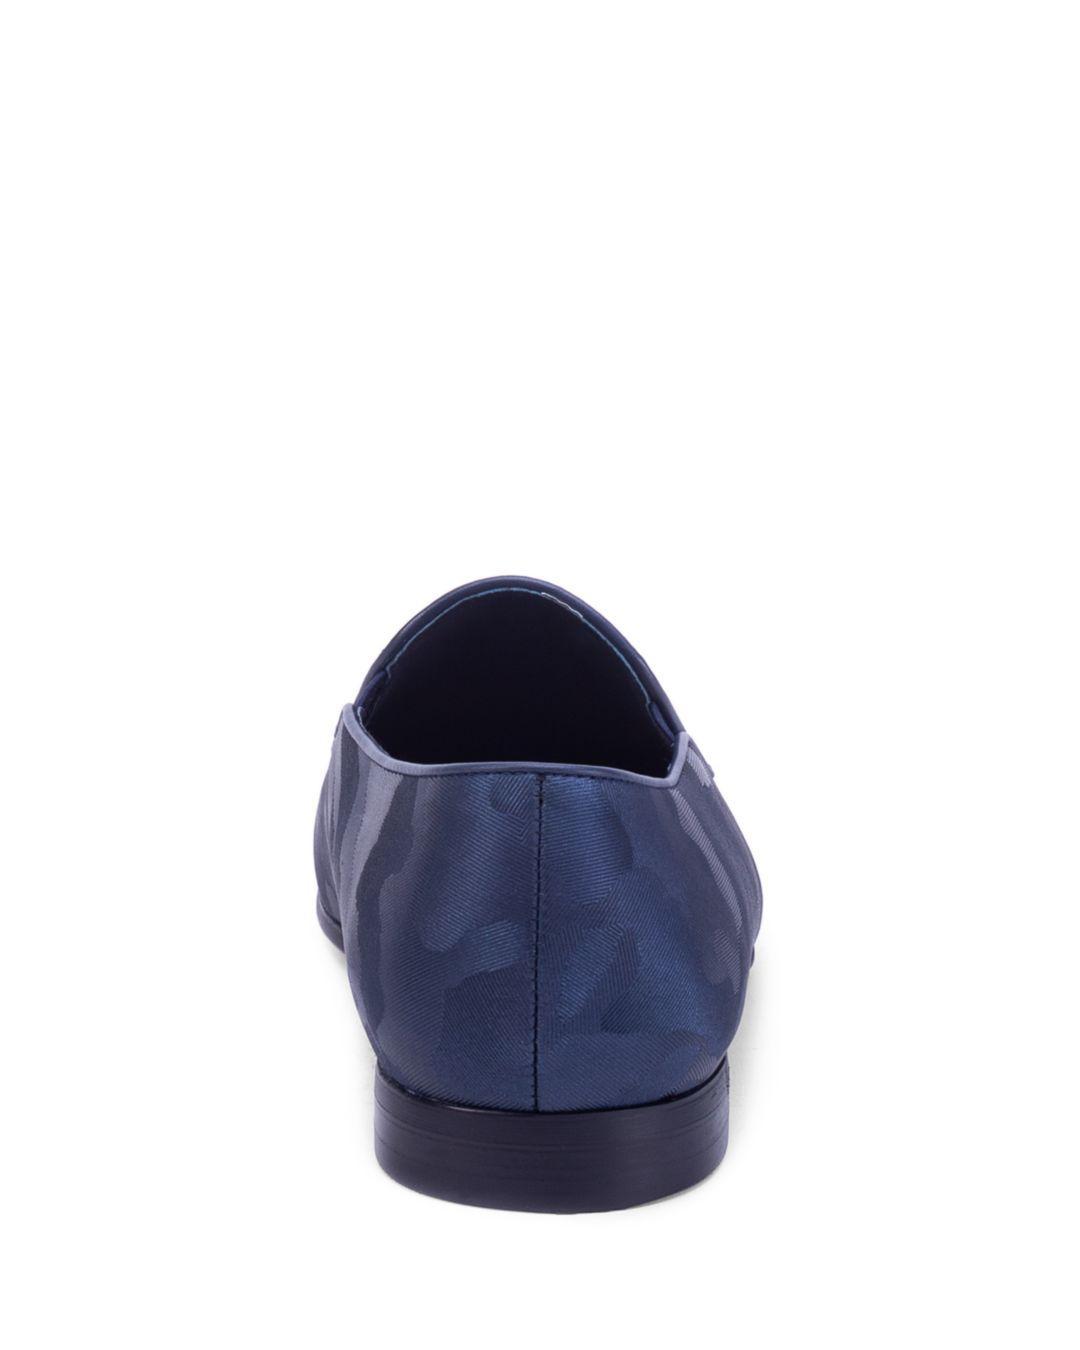 f77eb7d18e0be Robert Graham - Blue Men's Fry Camouflage Slipper Loafers for Men - Lyst.  View fullscreen